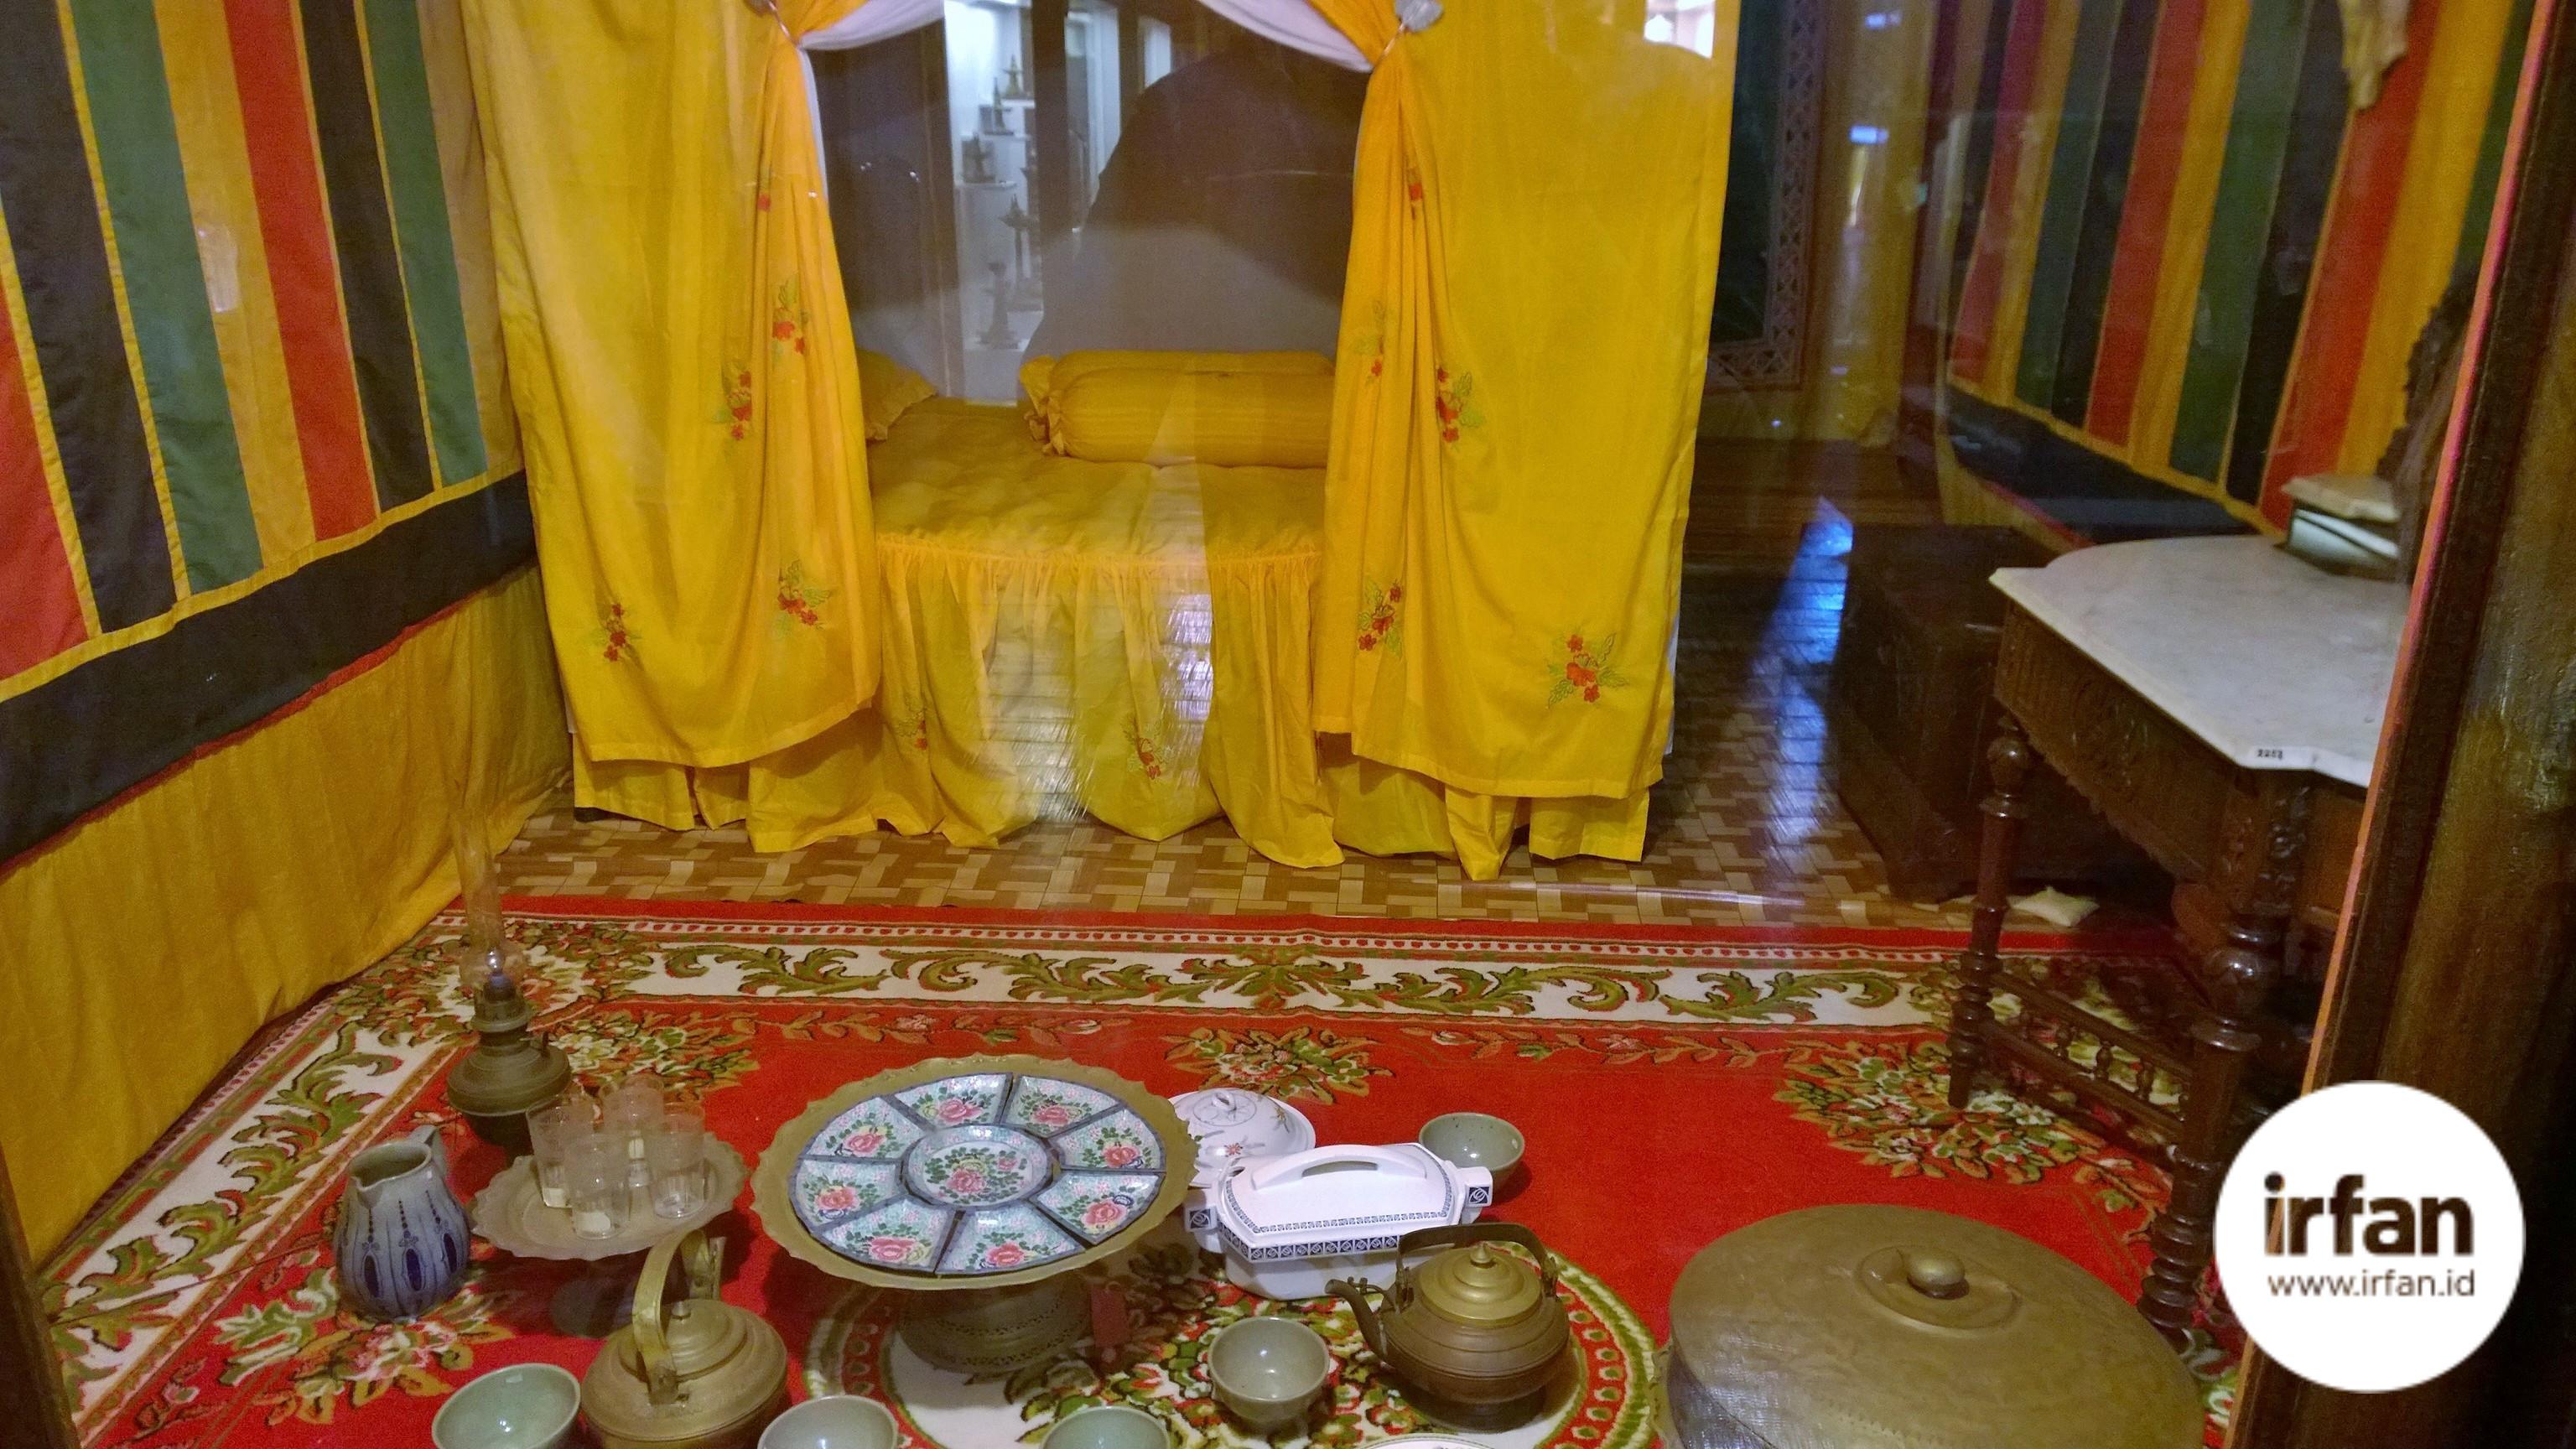 FOTO: Museum Negeri Aceh, Wisata Sejarah Yang Wajib Dikunjungi 44